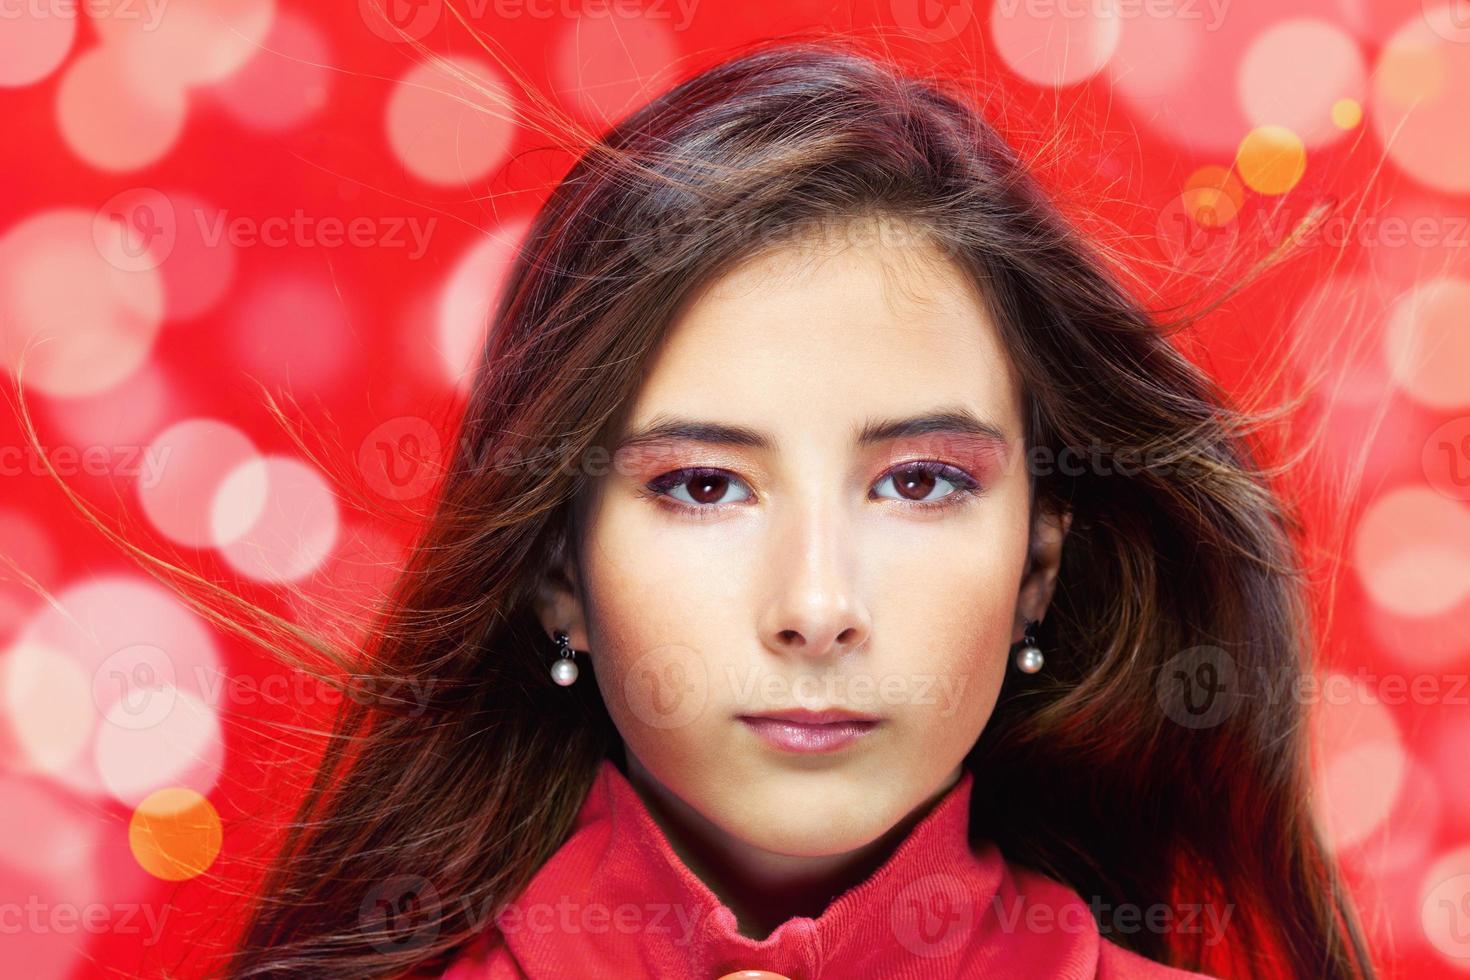 Modeporträt des schönen Mädchens lange braune Haare foto